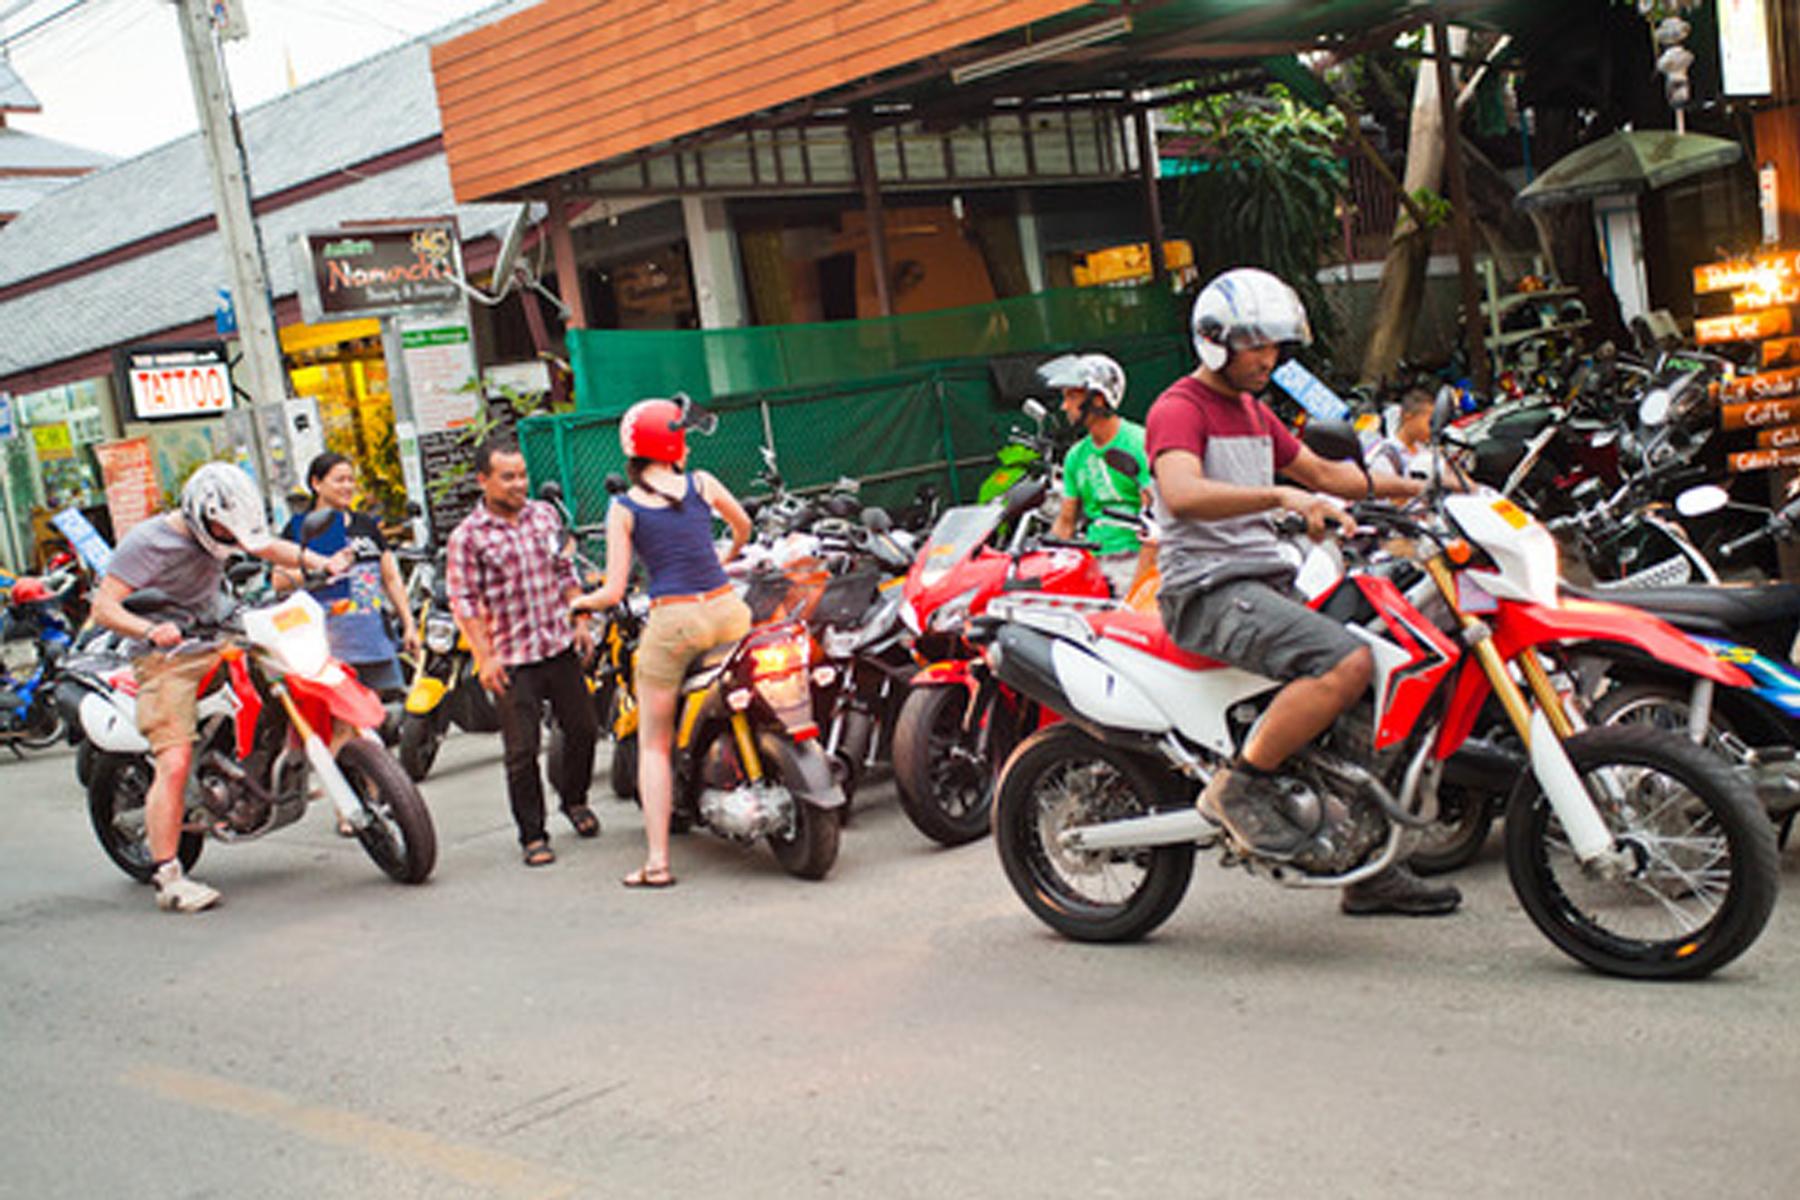 Moo Dang Phuket Motorbike Rental Thavorn Beach Village